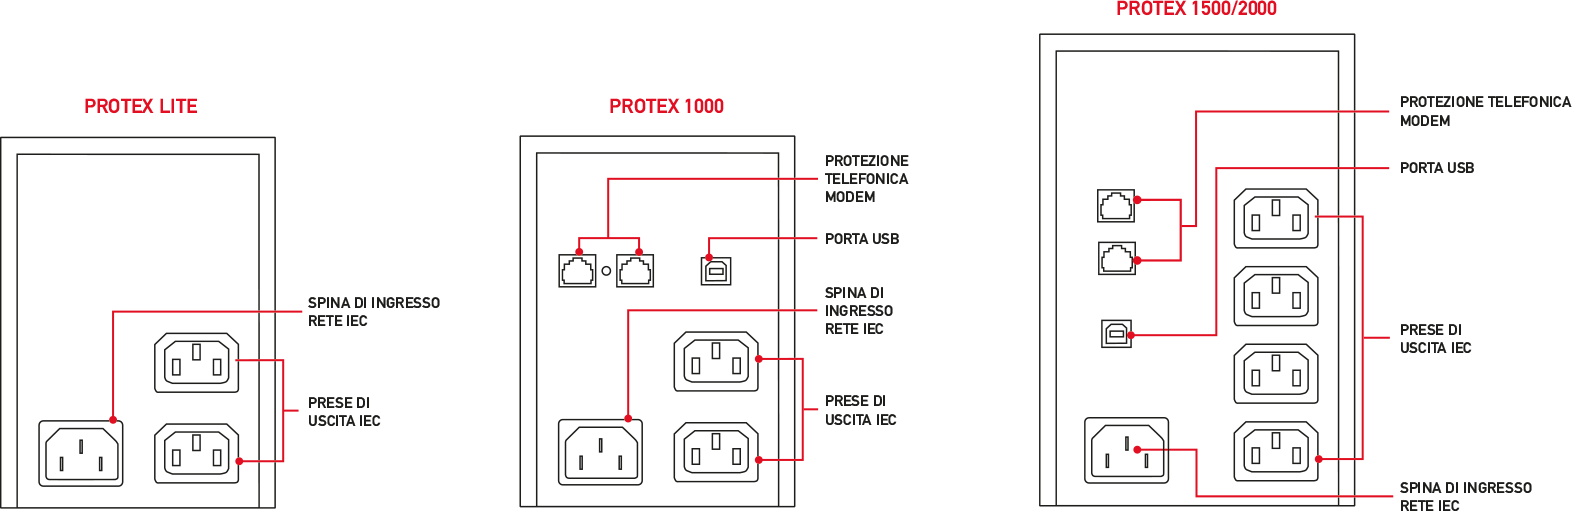 Schema Collegamento Gruppo Di Continuità : Securpower gruppo di continuità protex va